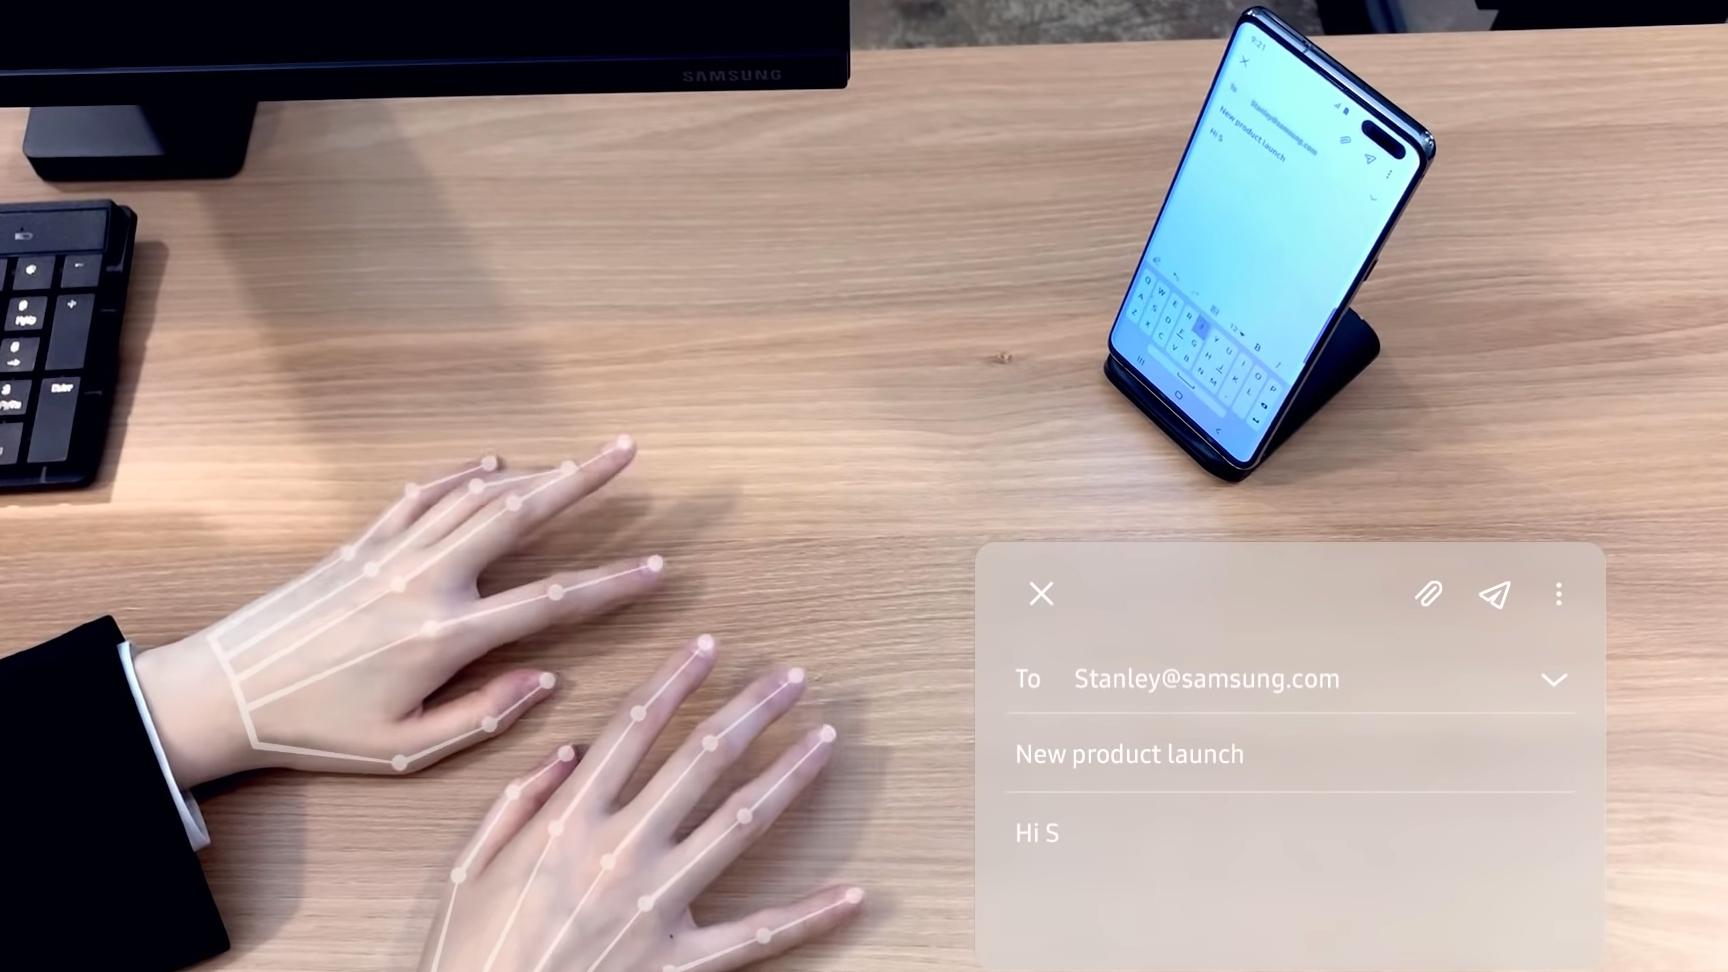 Samsung Selfie Type Still From Demo Video